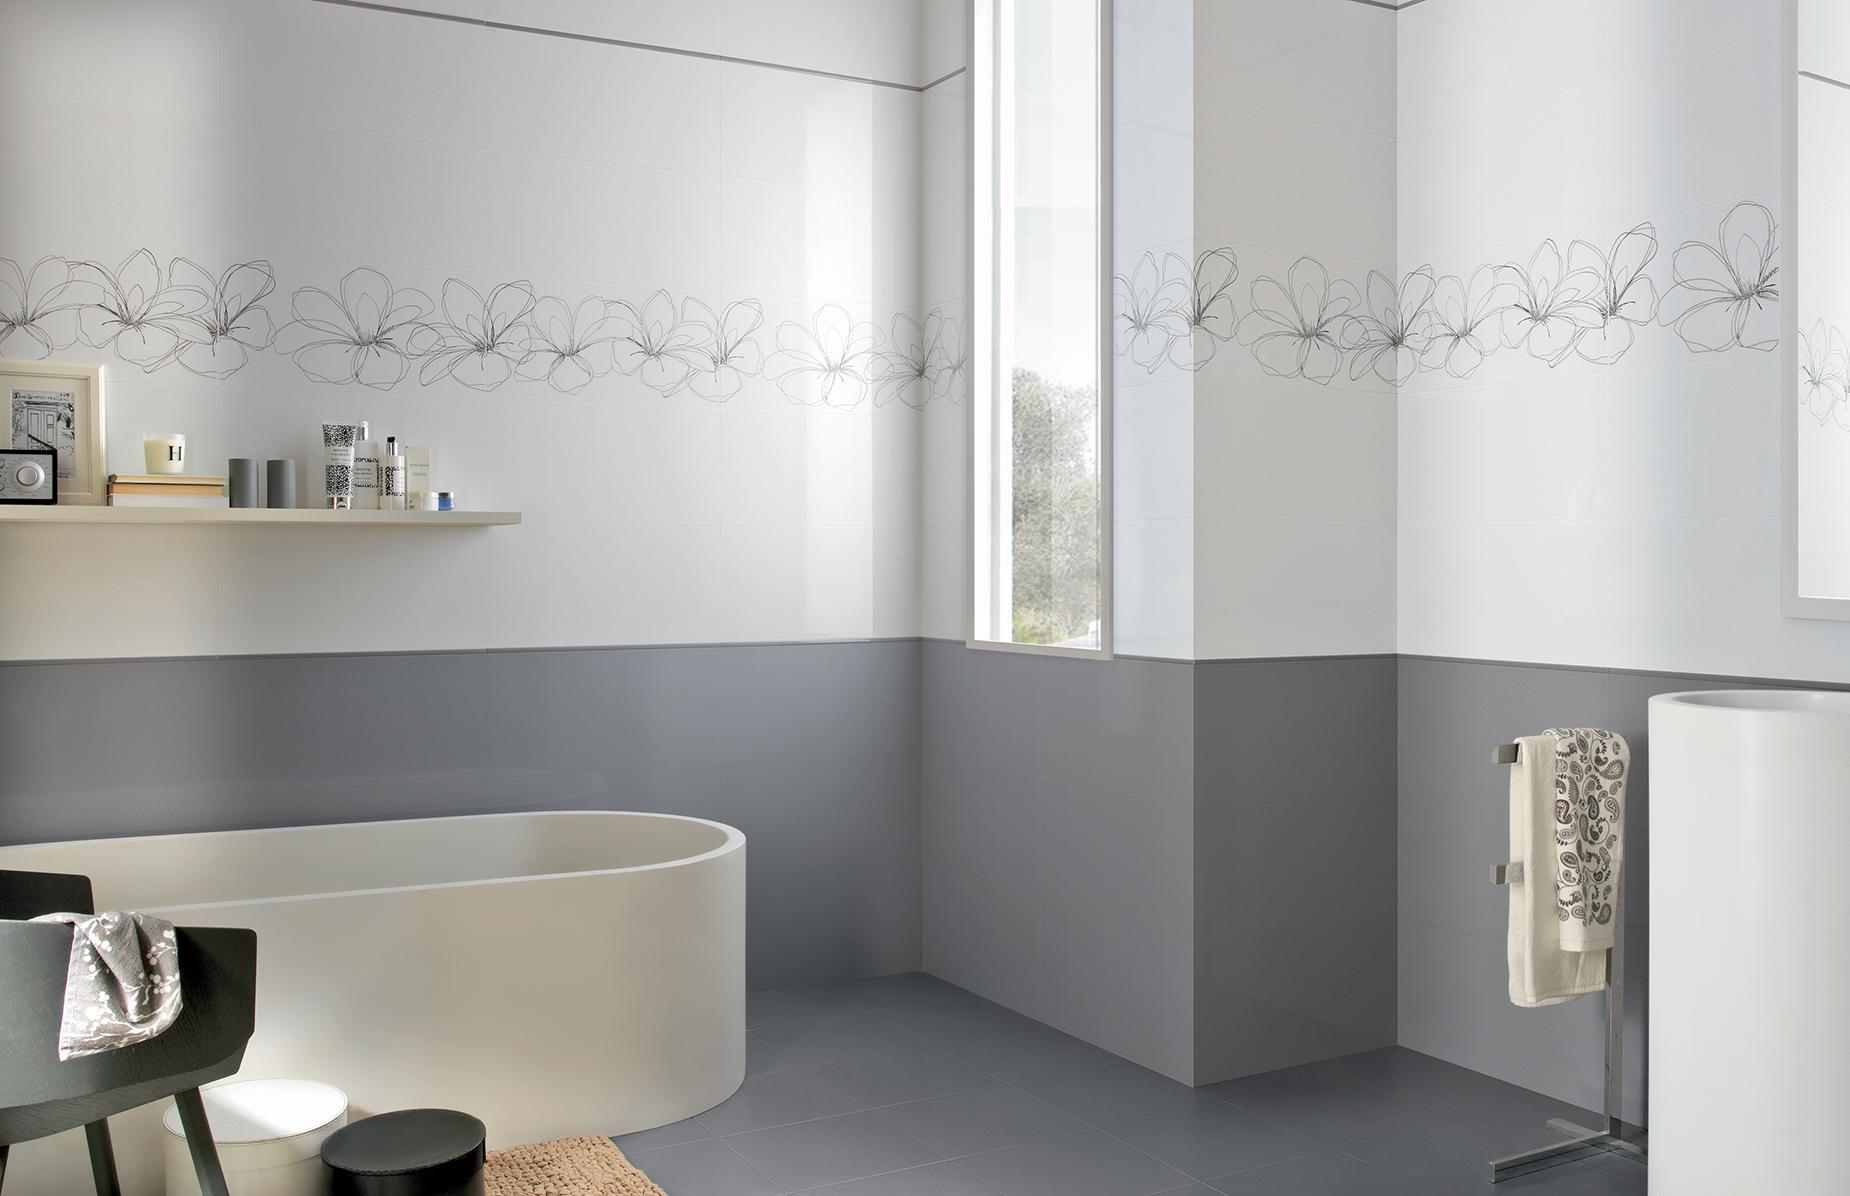 Serie soft rivestimento moda - Piastrelle bagno ikea ...